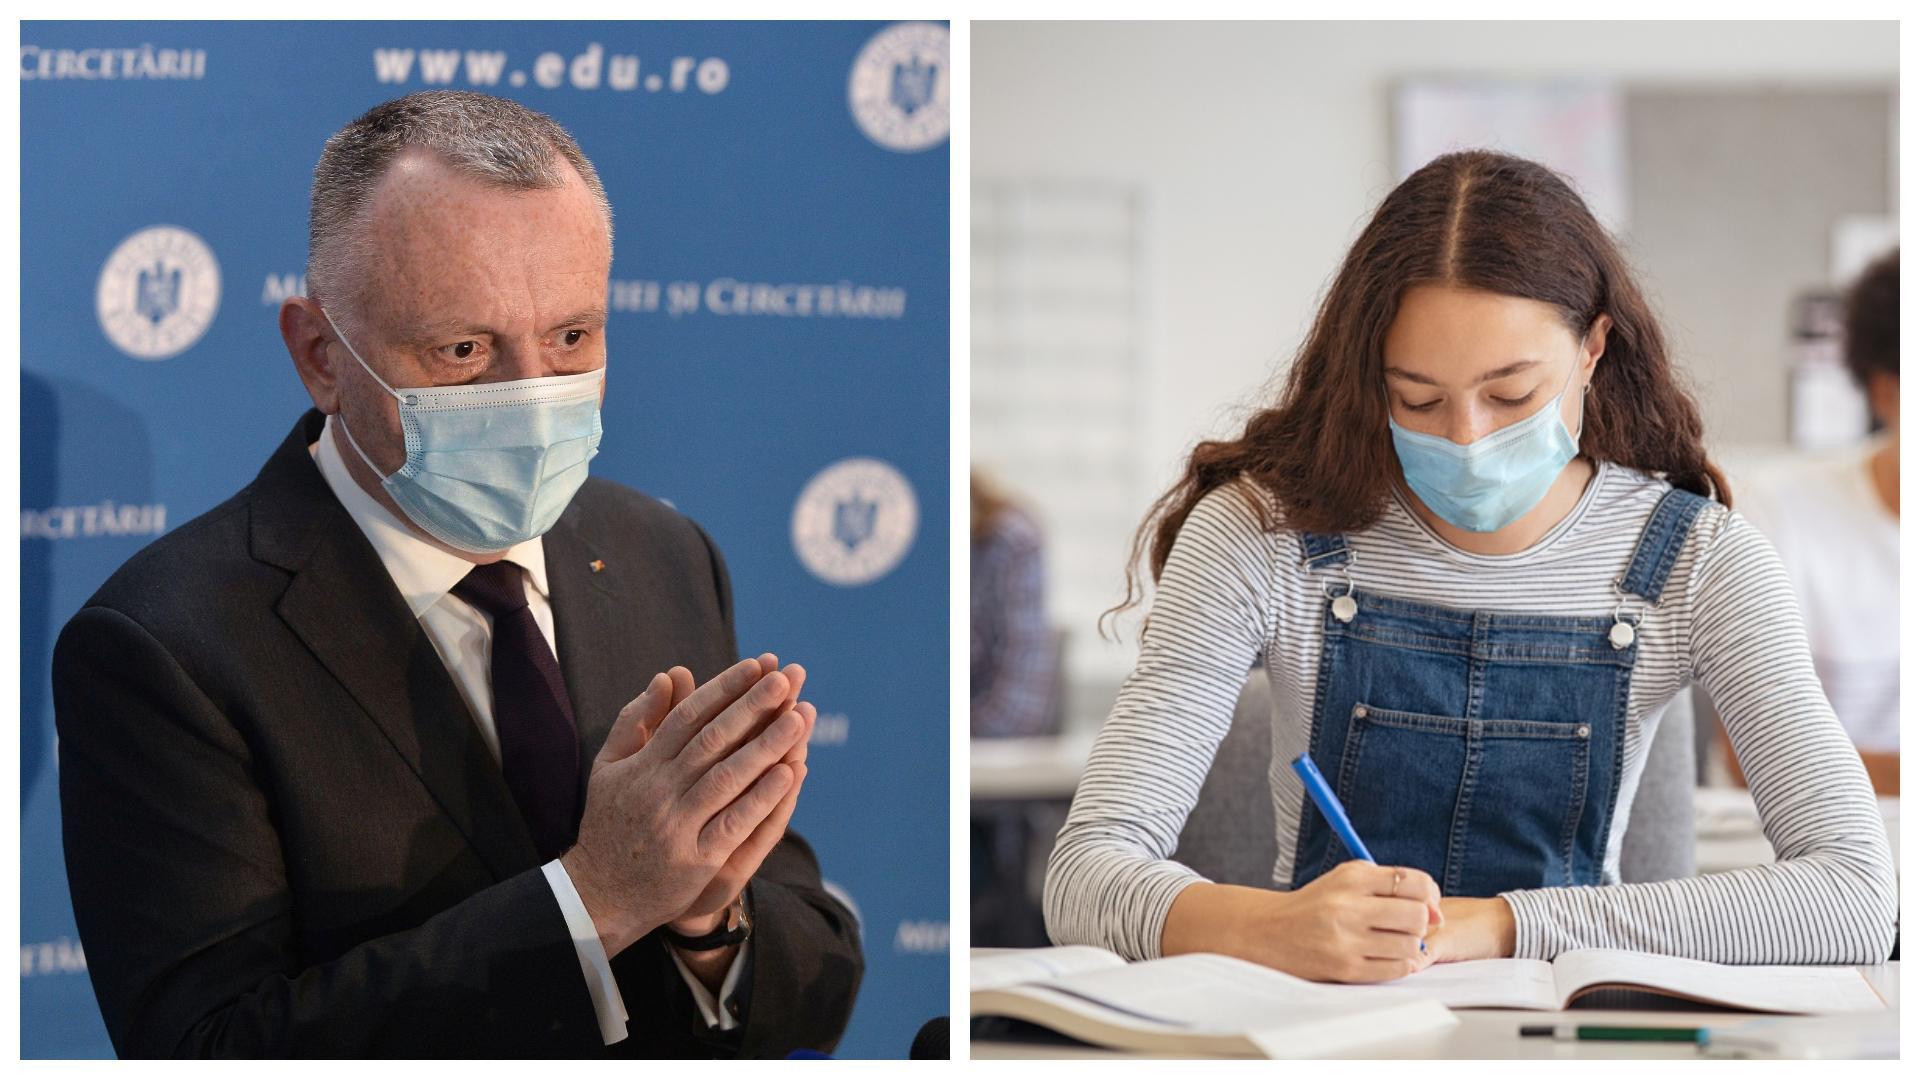 Noi reguli la Evaluarea Națională 2021. Sorin Cîmpeanu a explicat ce măsuri trebuie să respecte absolvenții de gimnaziu